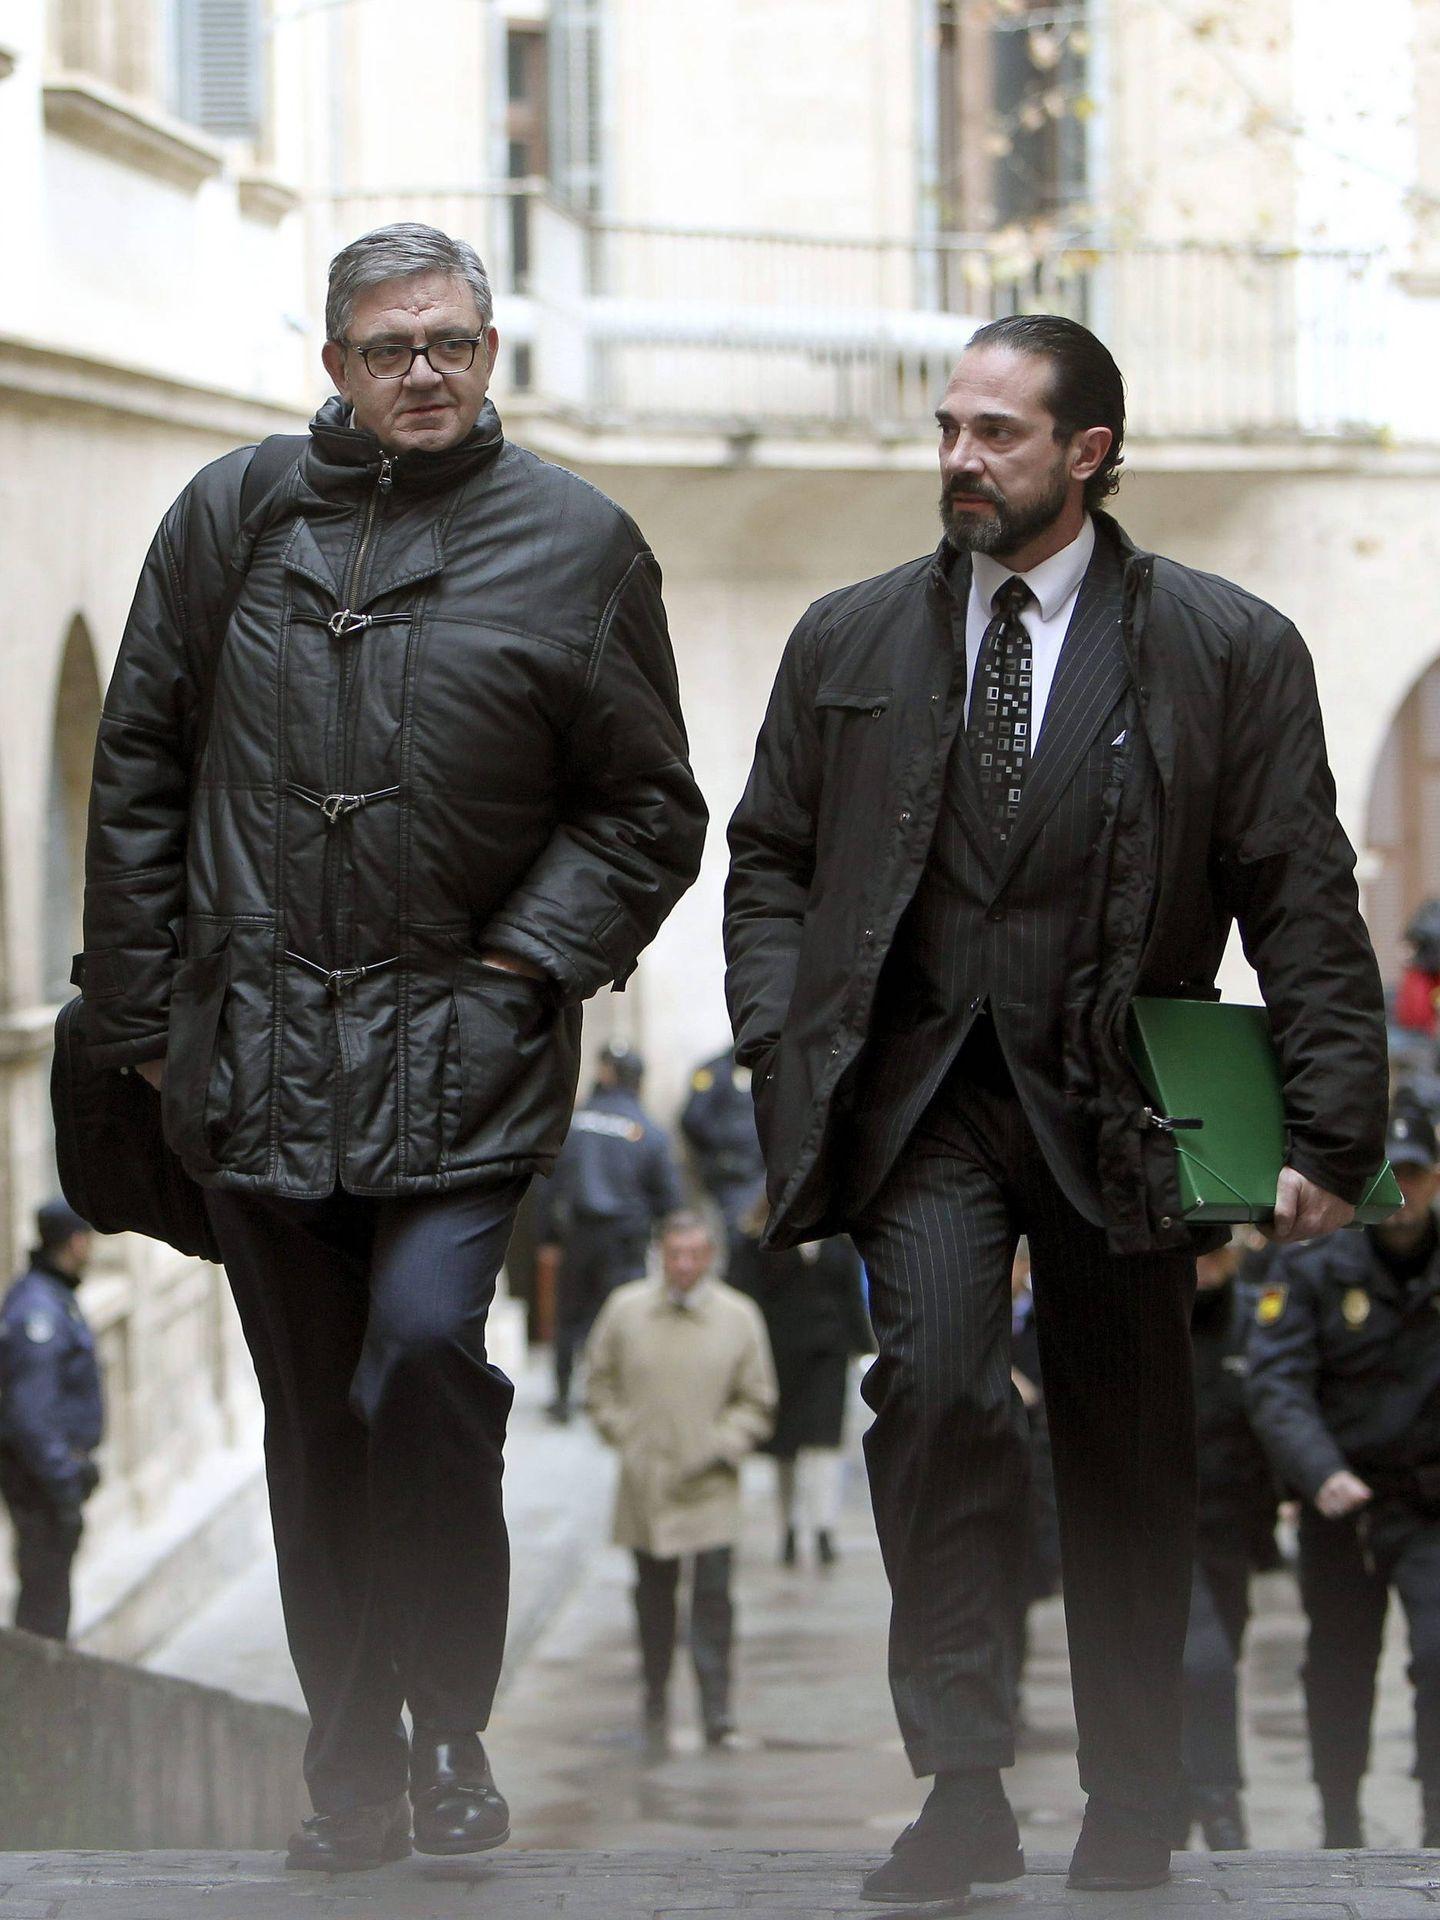 El exsecretario de las infantas Elena y Cristina, Carlos García Revenga, en los juzgados de Palma. (EFE)